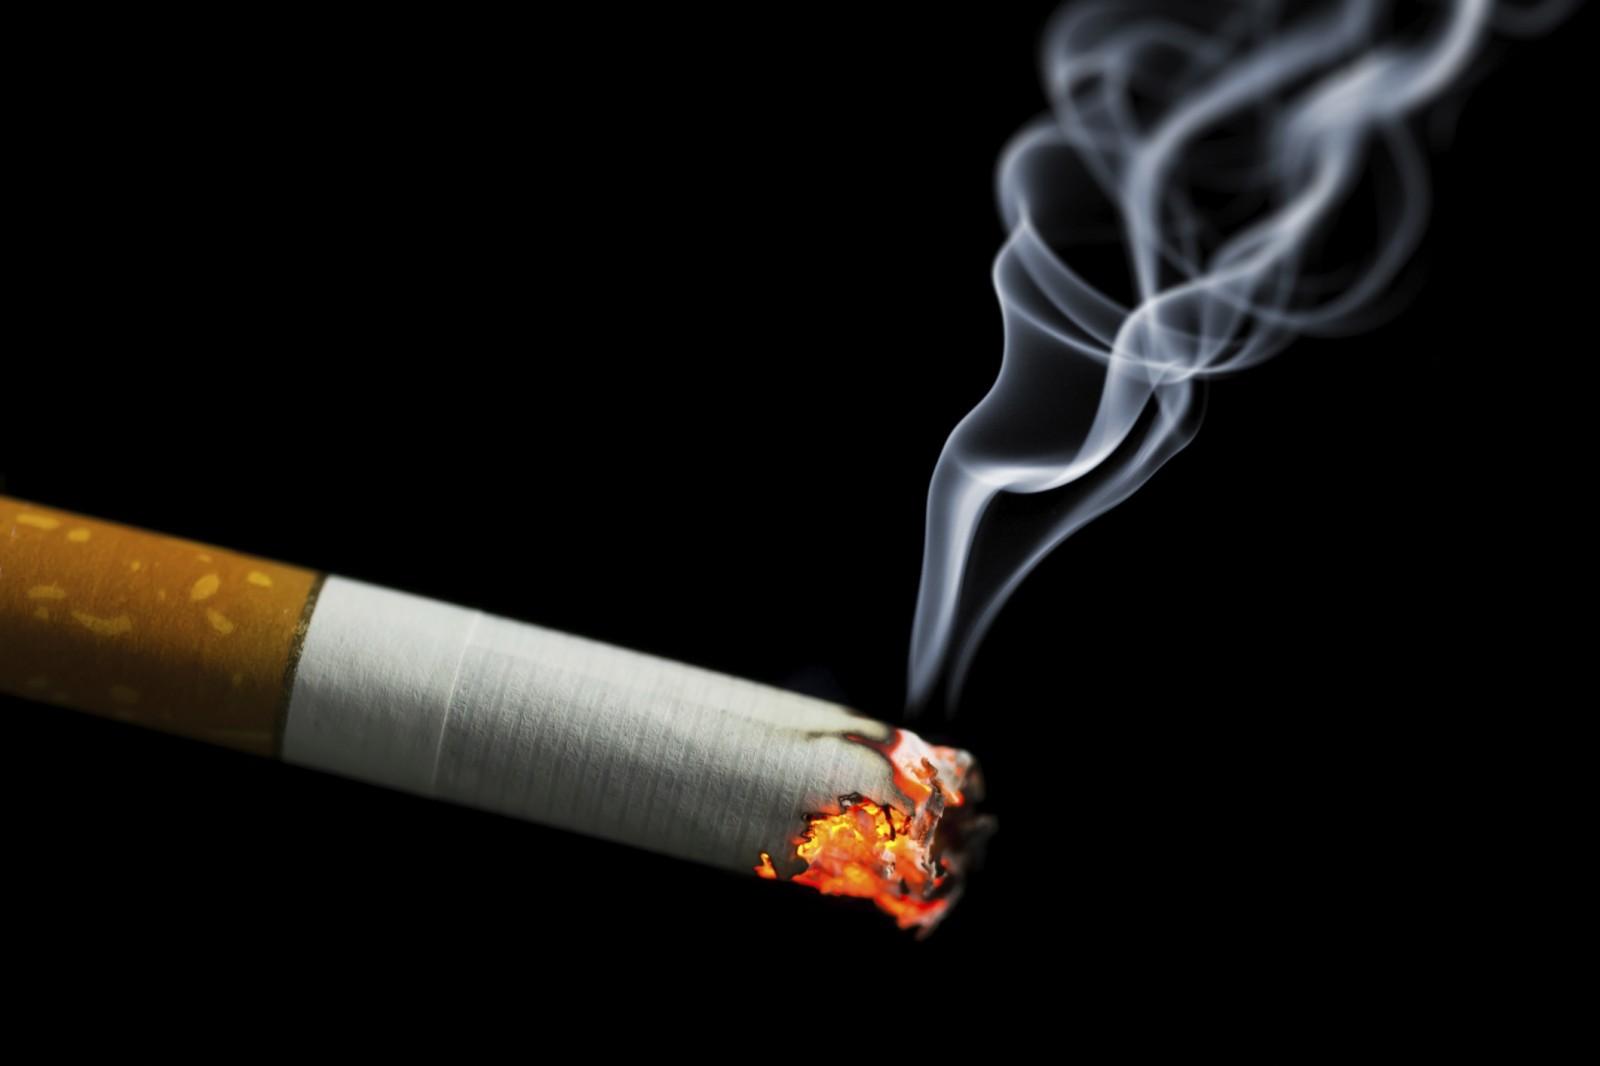 Ragazza legnanese ustionata: si era accesa sigaretta con fornello